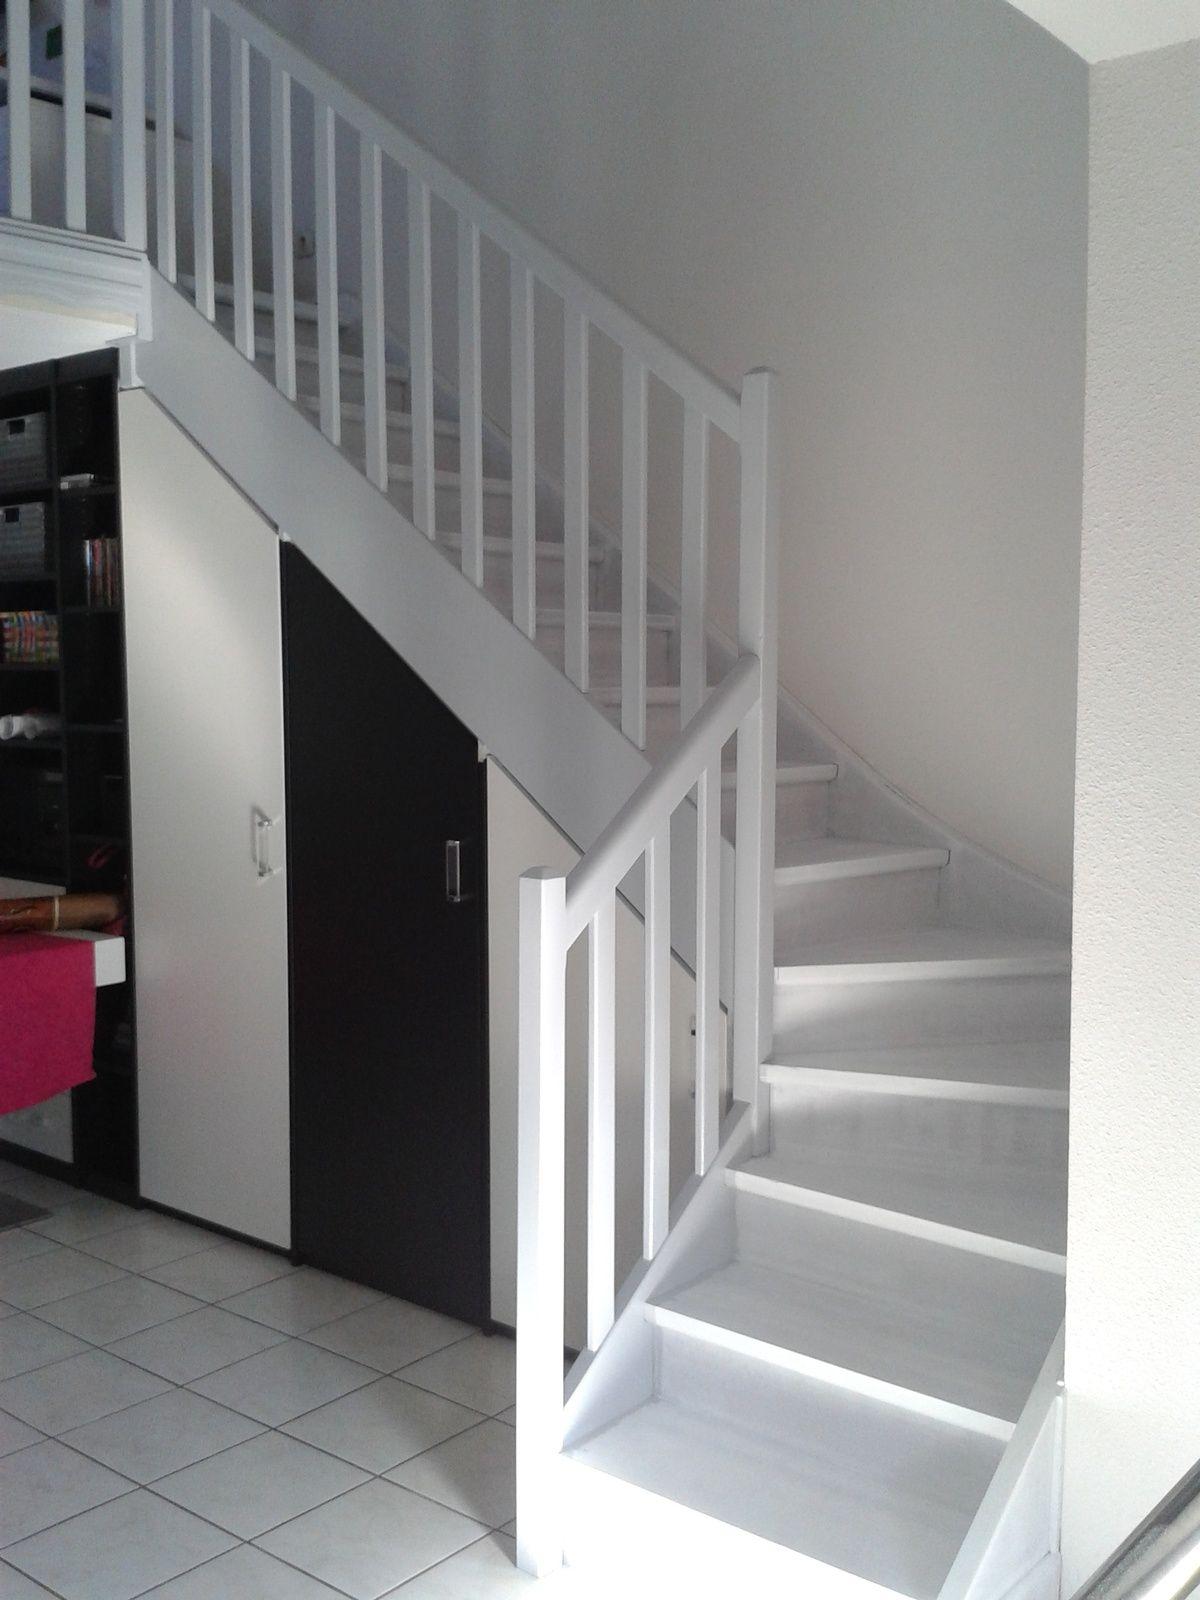 Poncage Escalier En Bois peindre un escalier en bois   escalier bois, repeindre